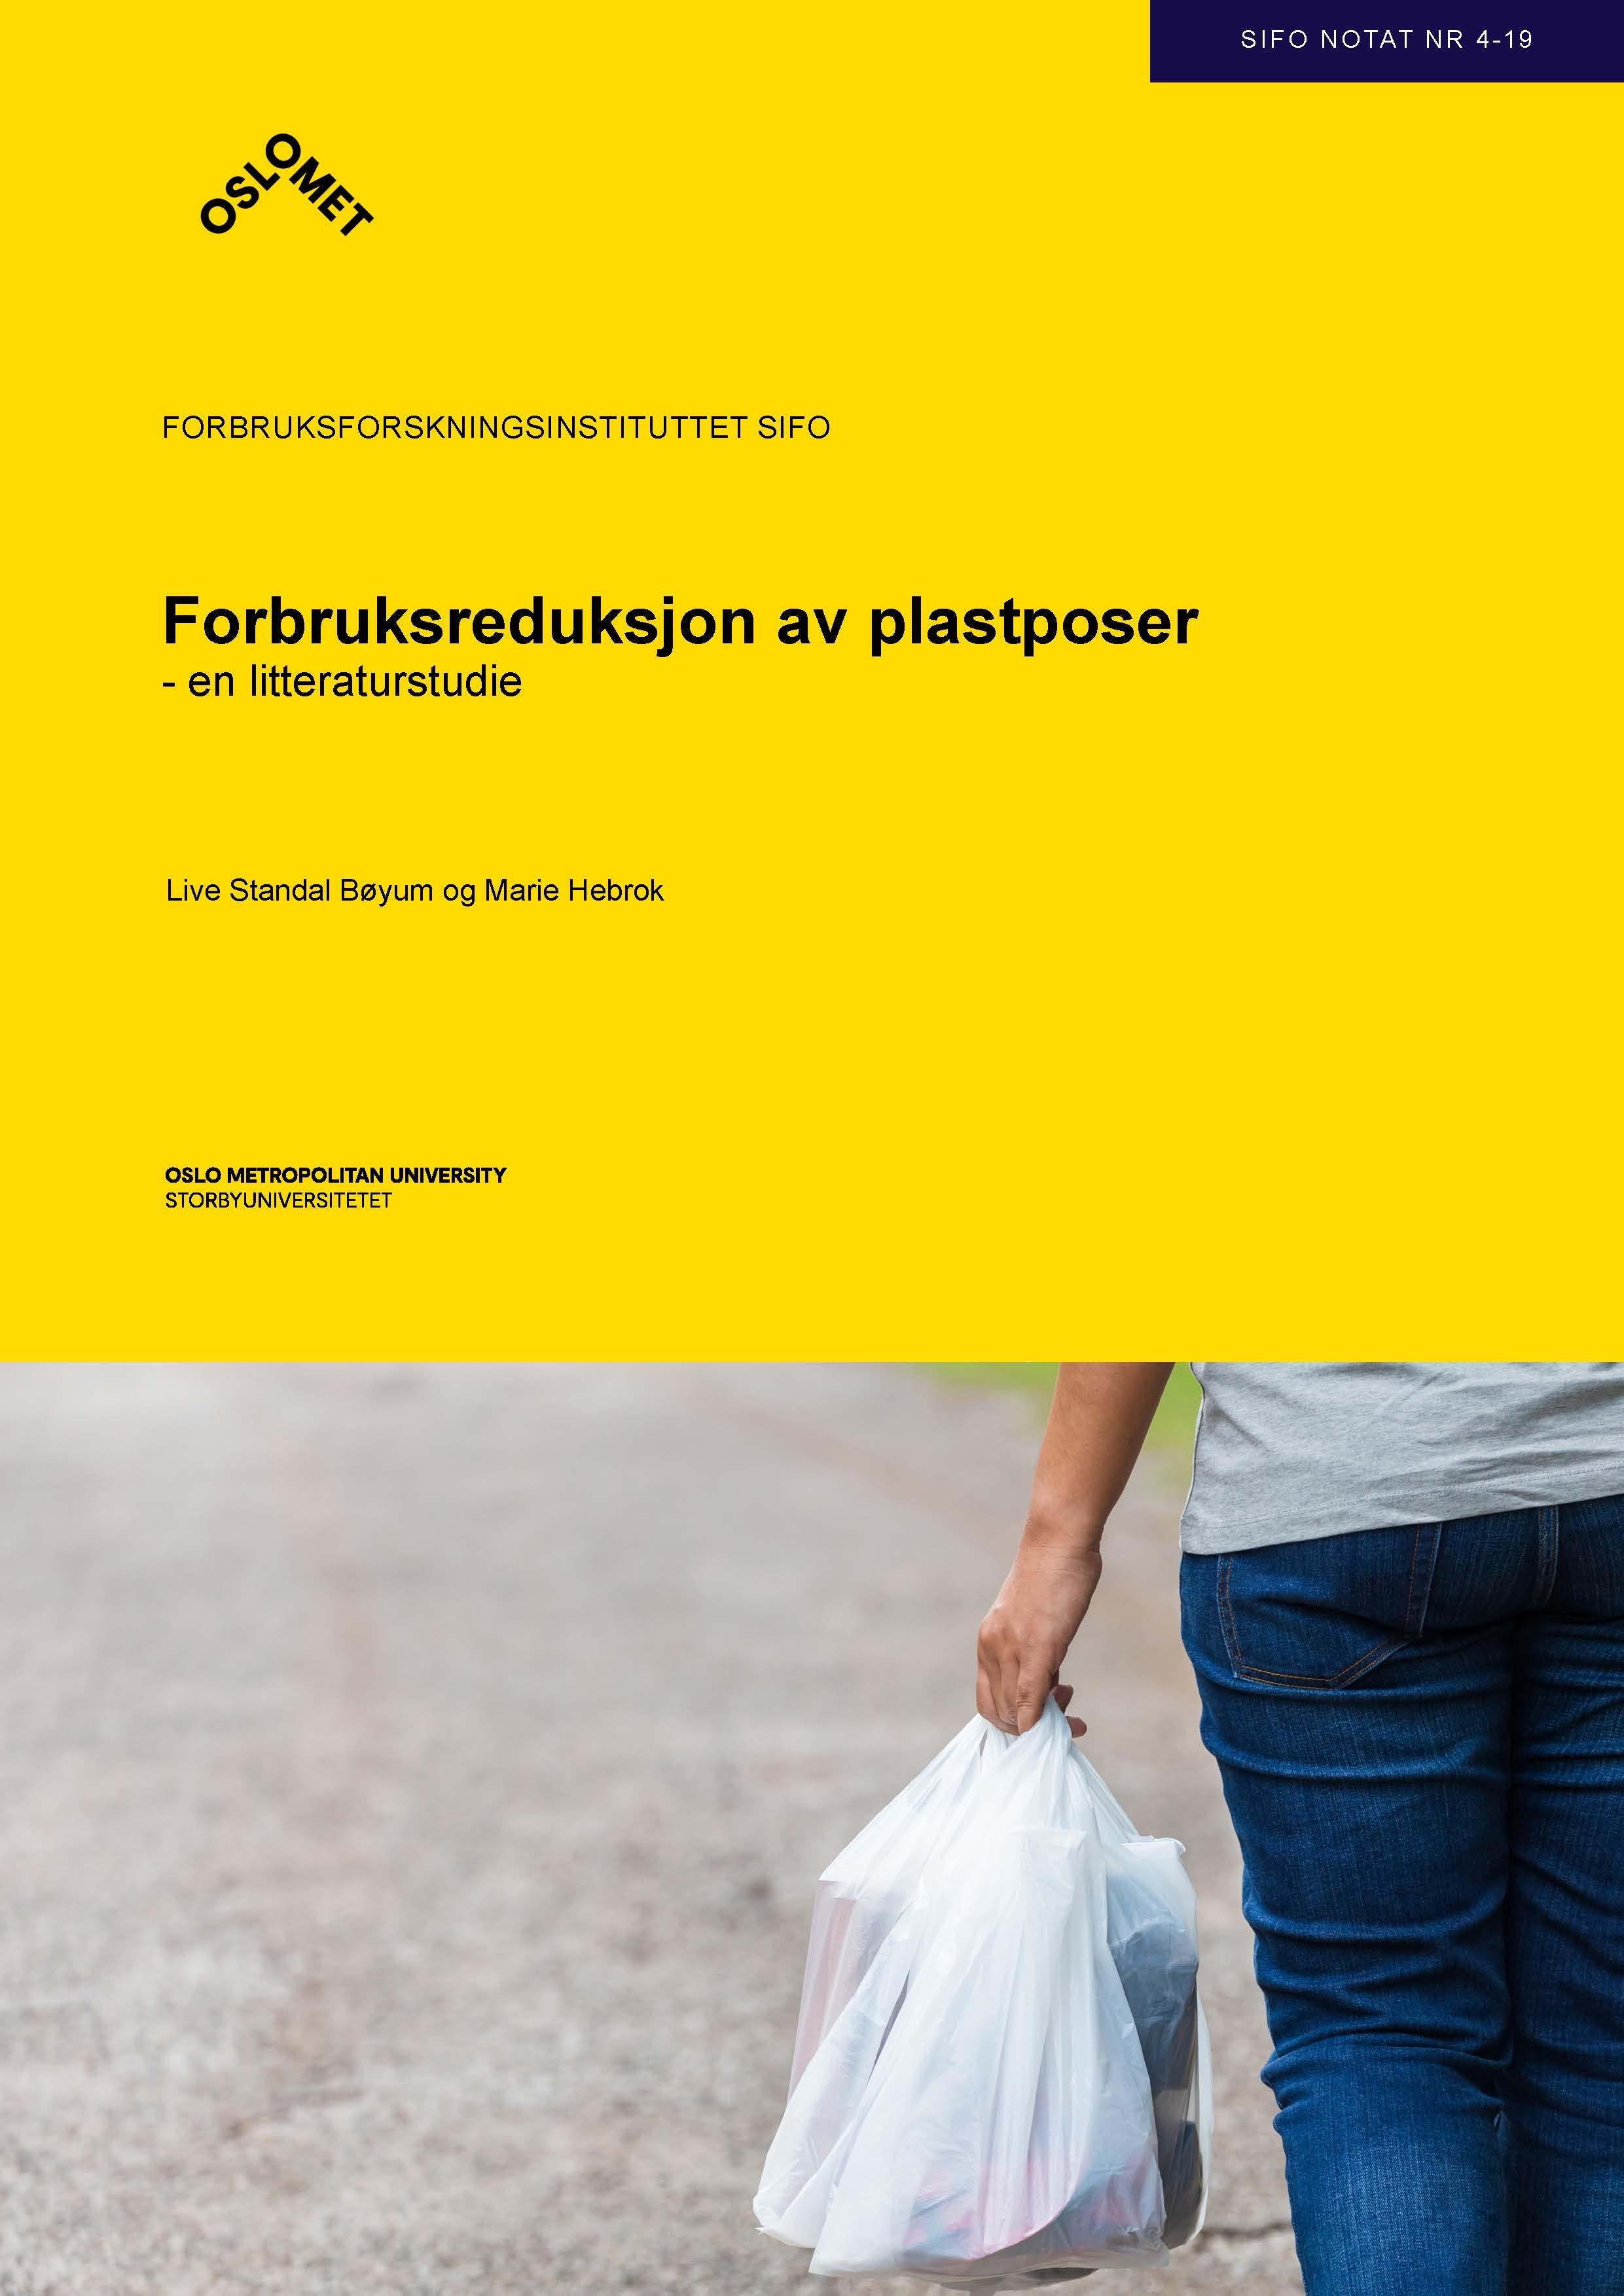 Forside for Forbruksreduksjon av plastposer - en litteraturstudie